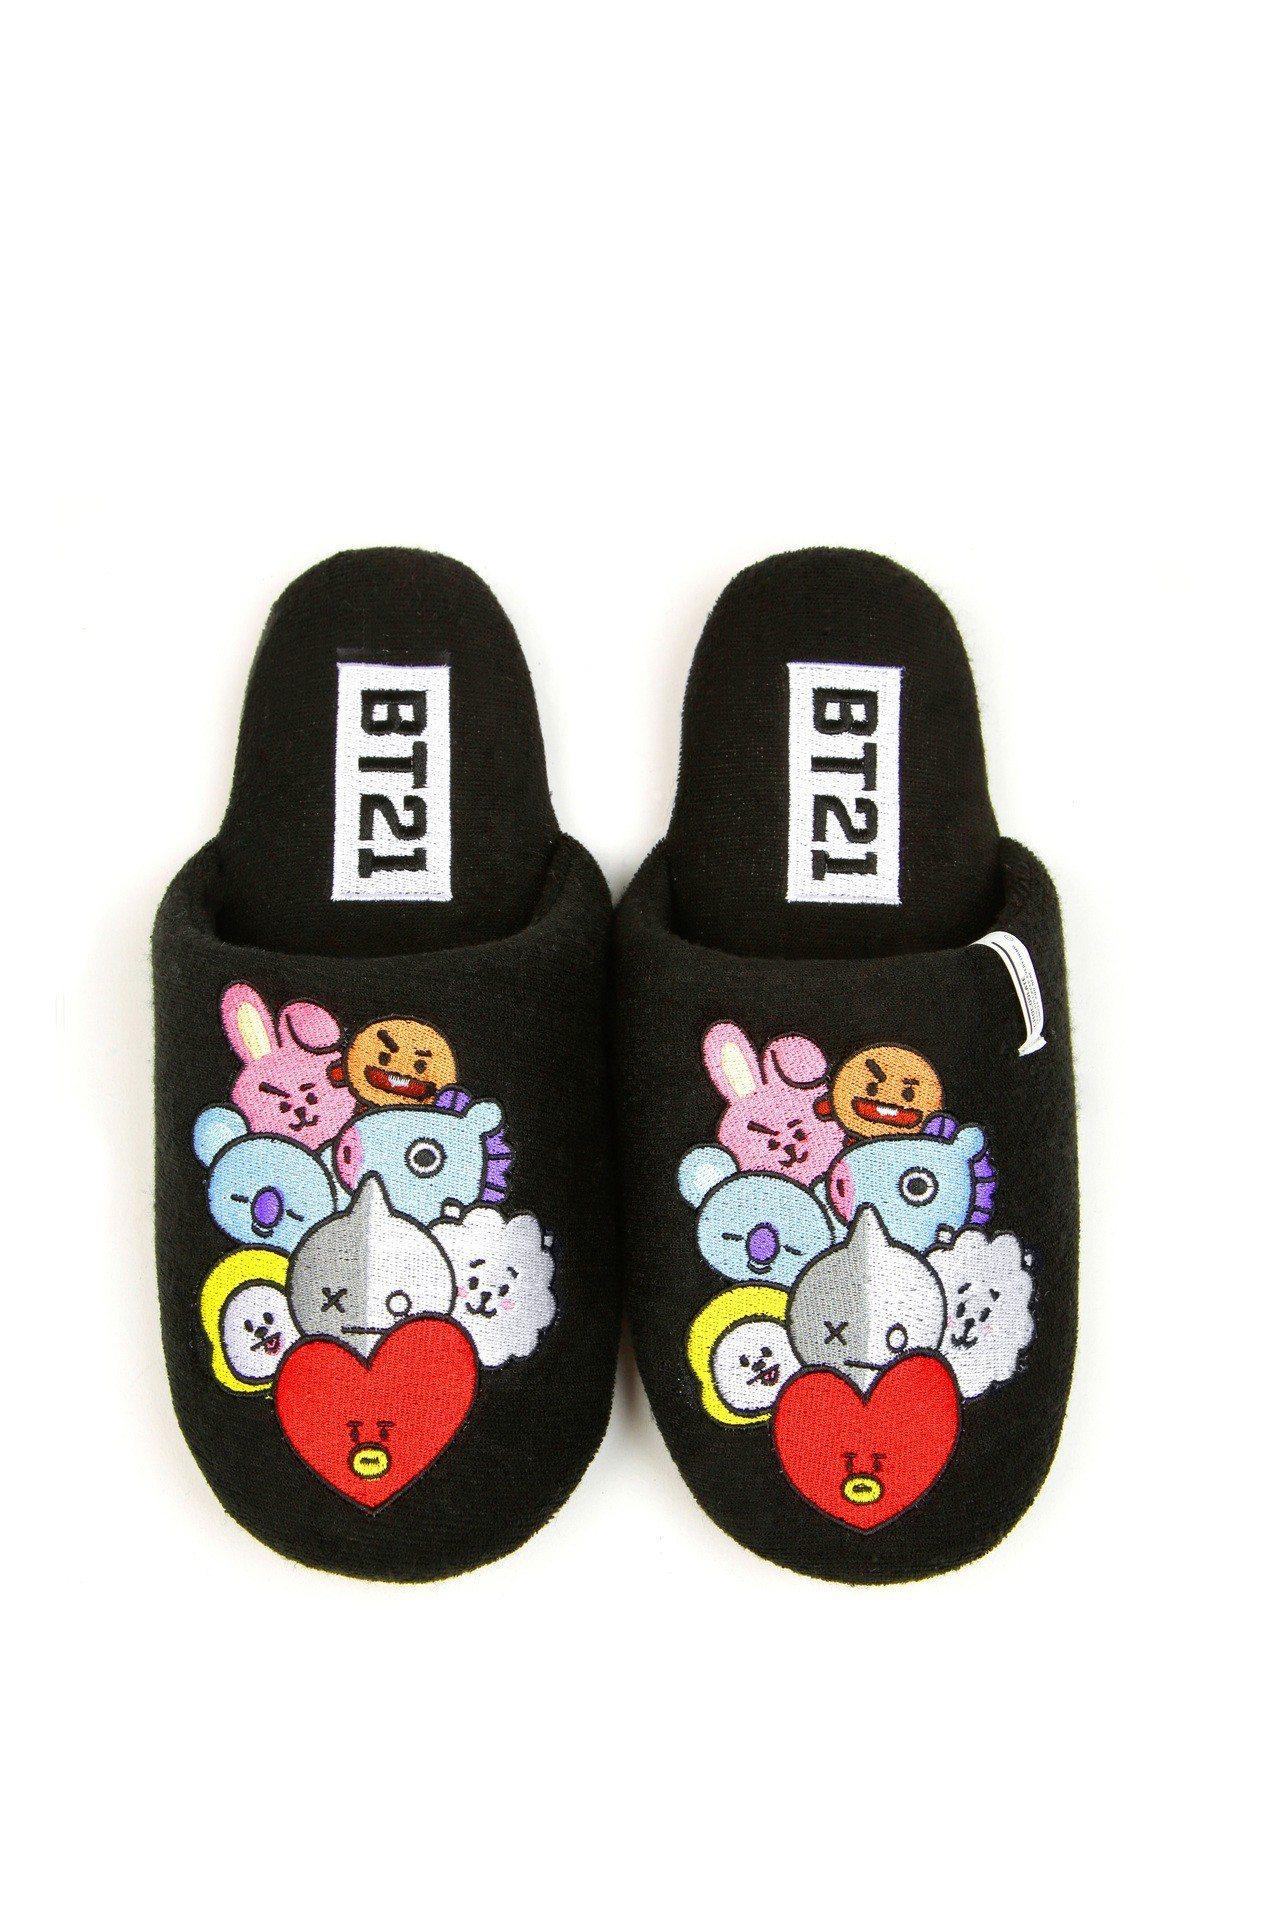 BT21與:CHOCOOLATE聯名系列拖鞋,1,559元。圖/I.T提供